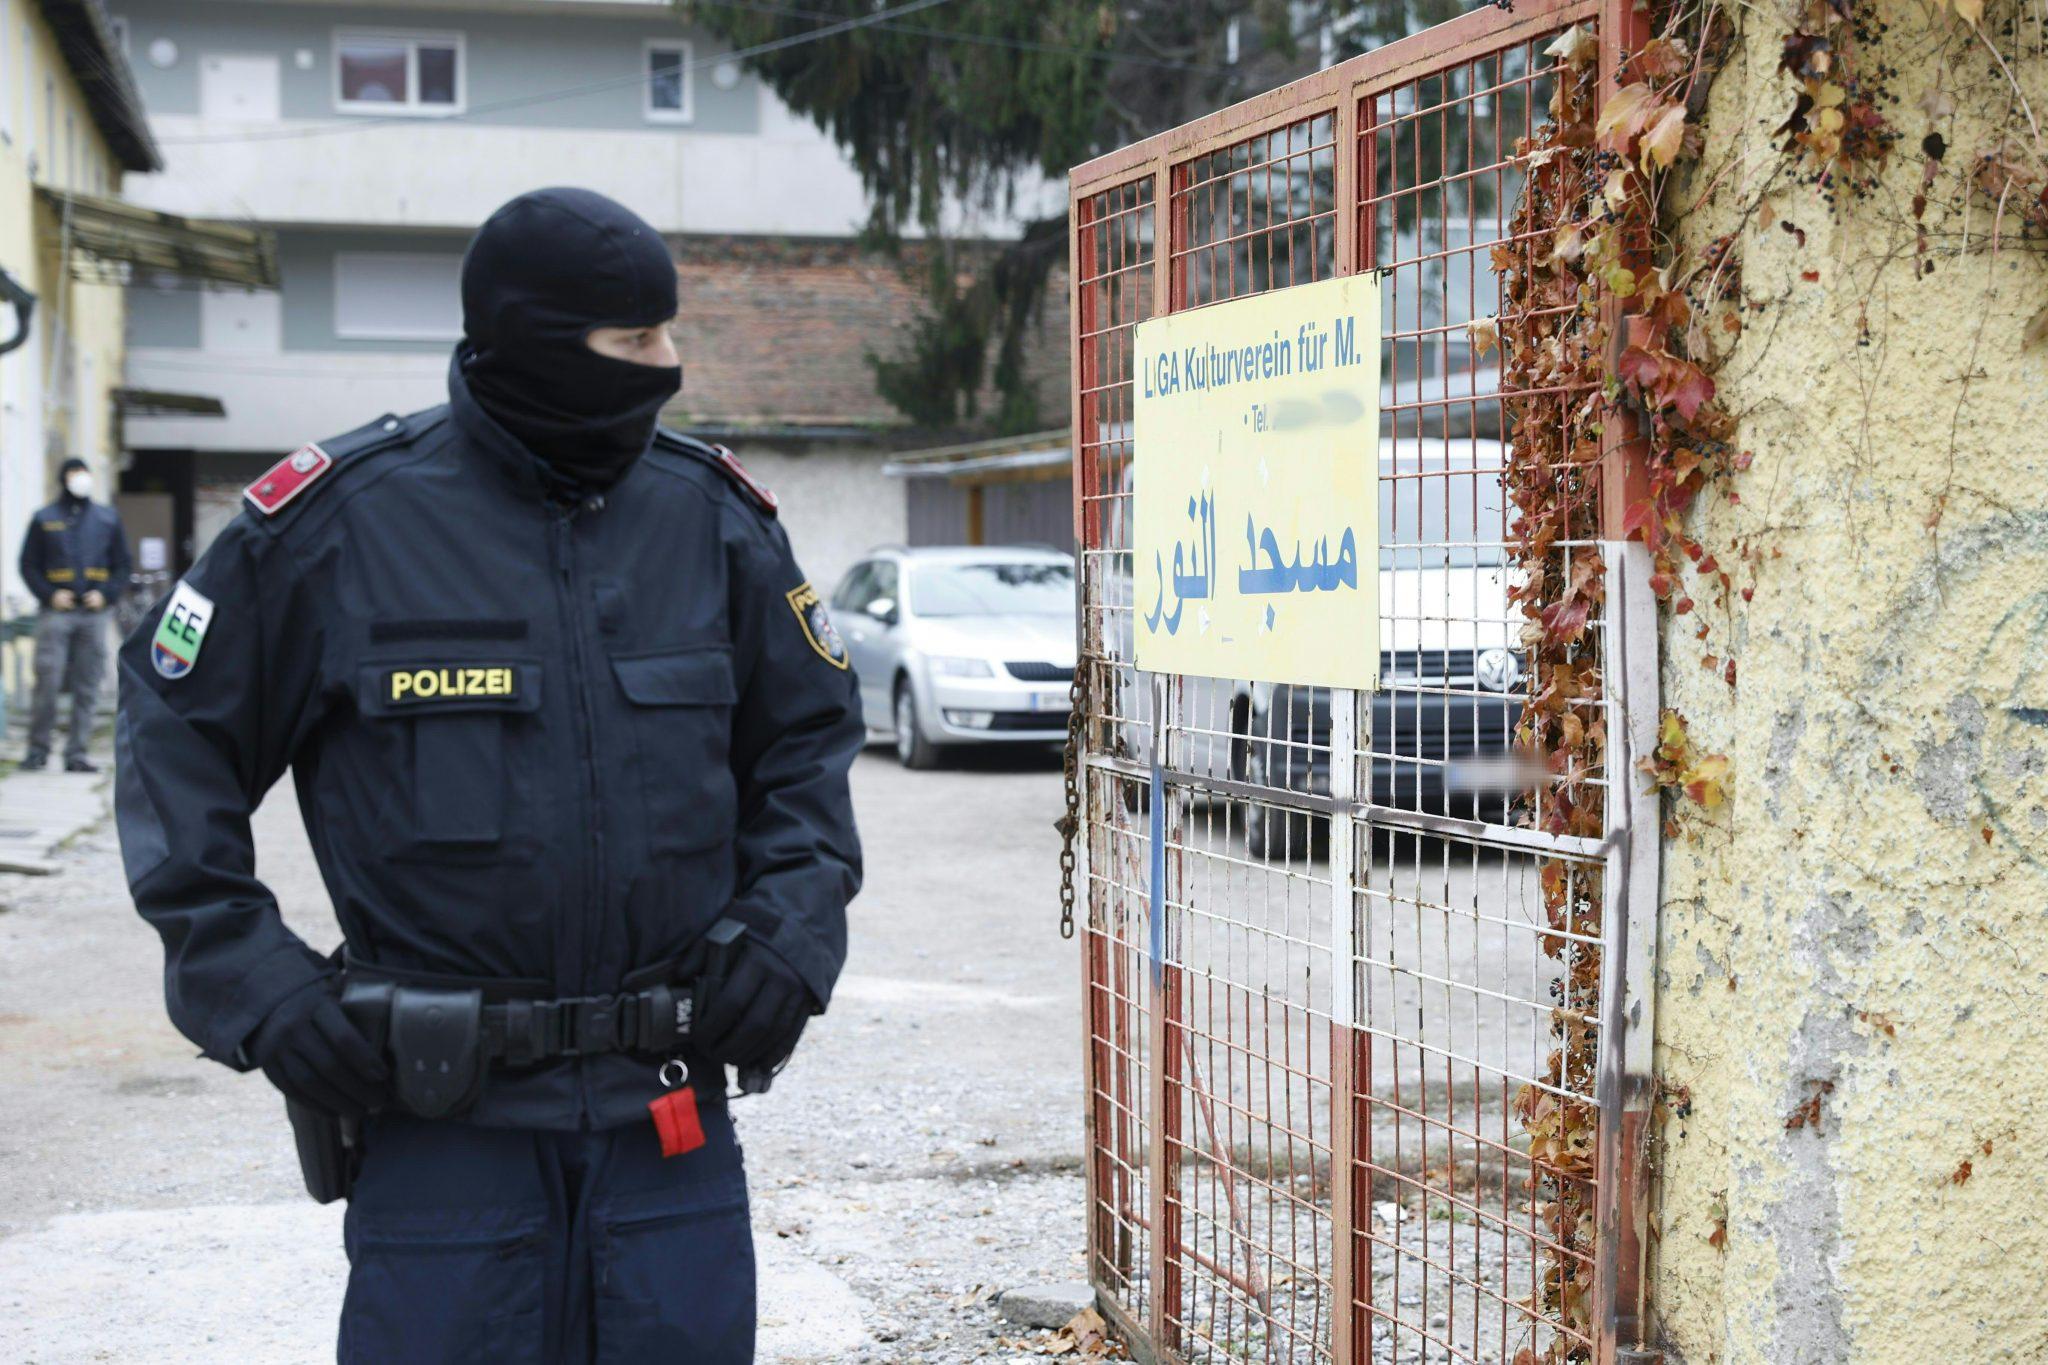 Polizist bei Razzia gegen islamistische Organisationen